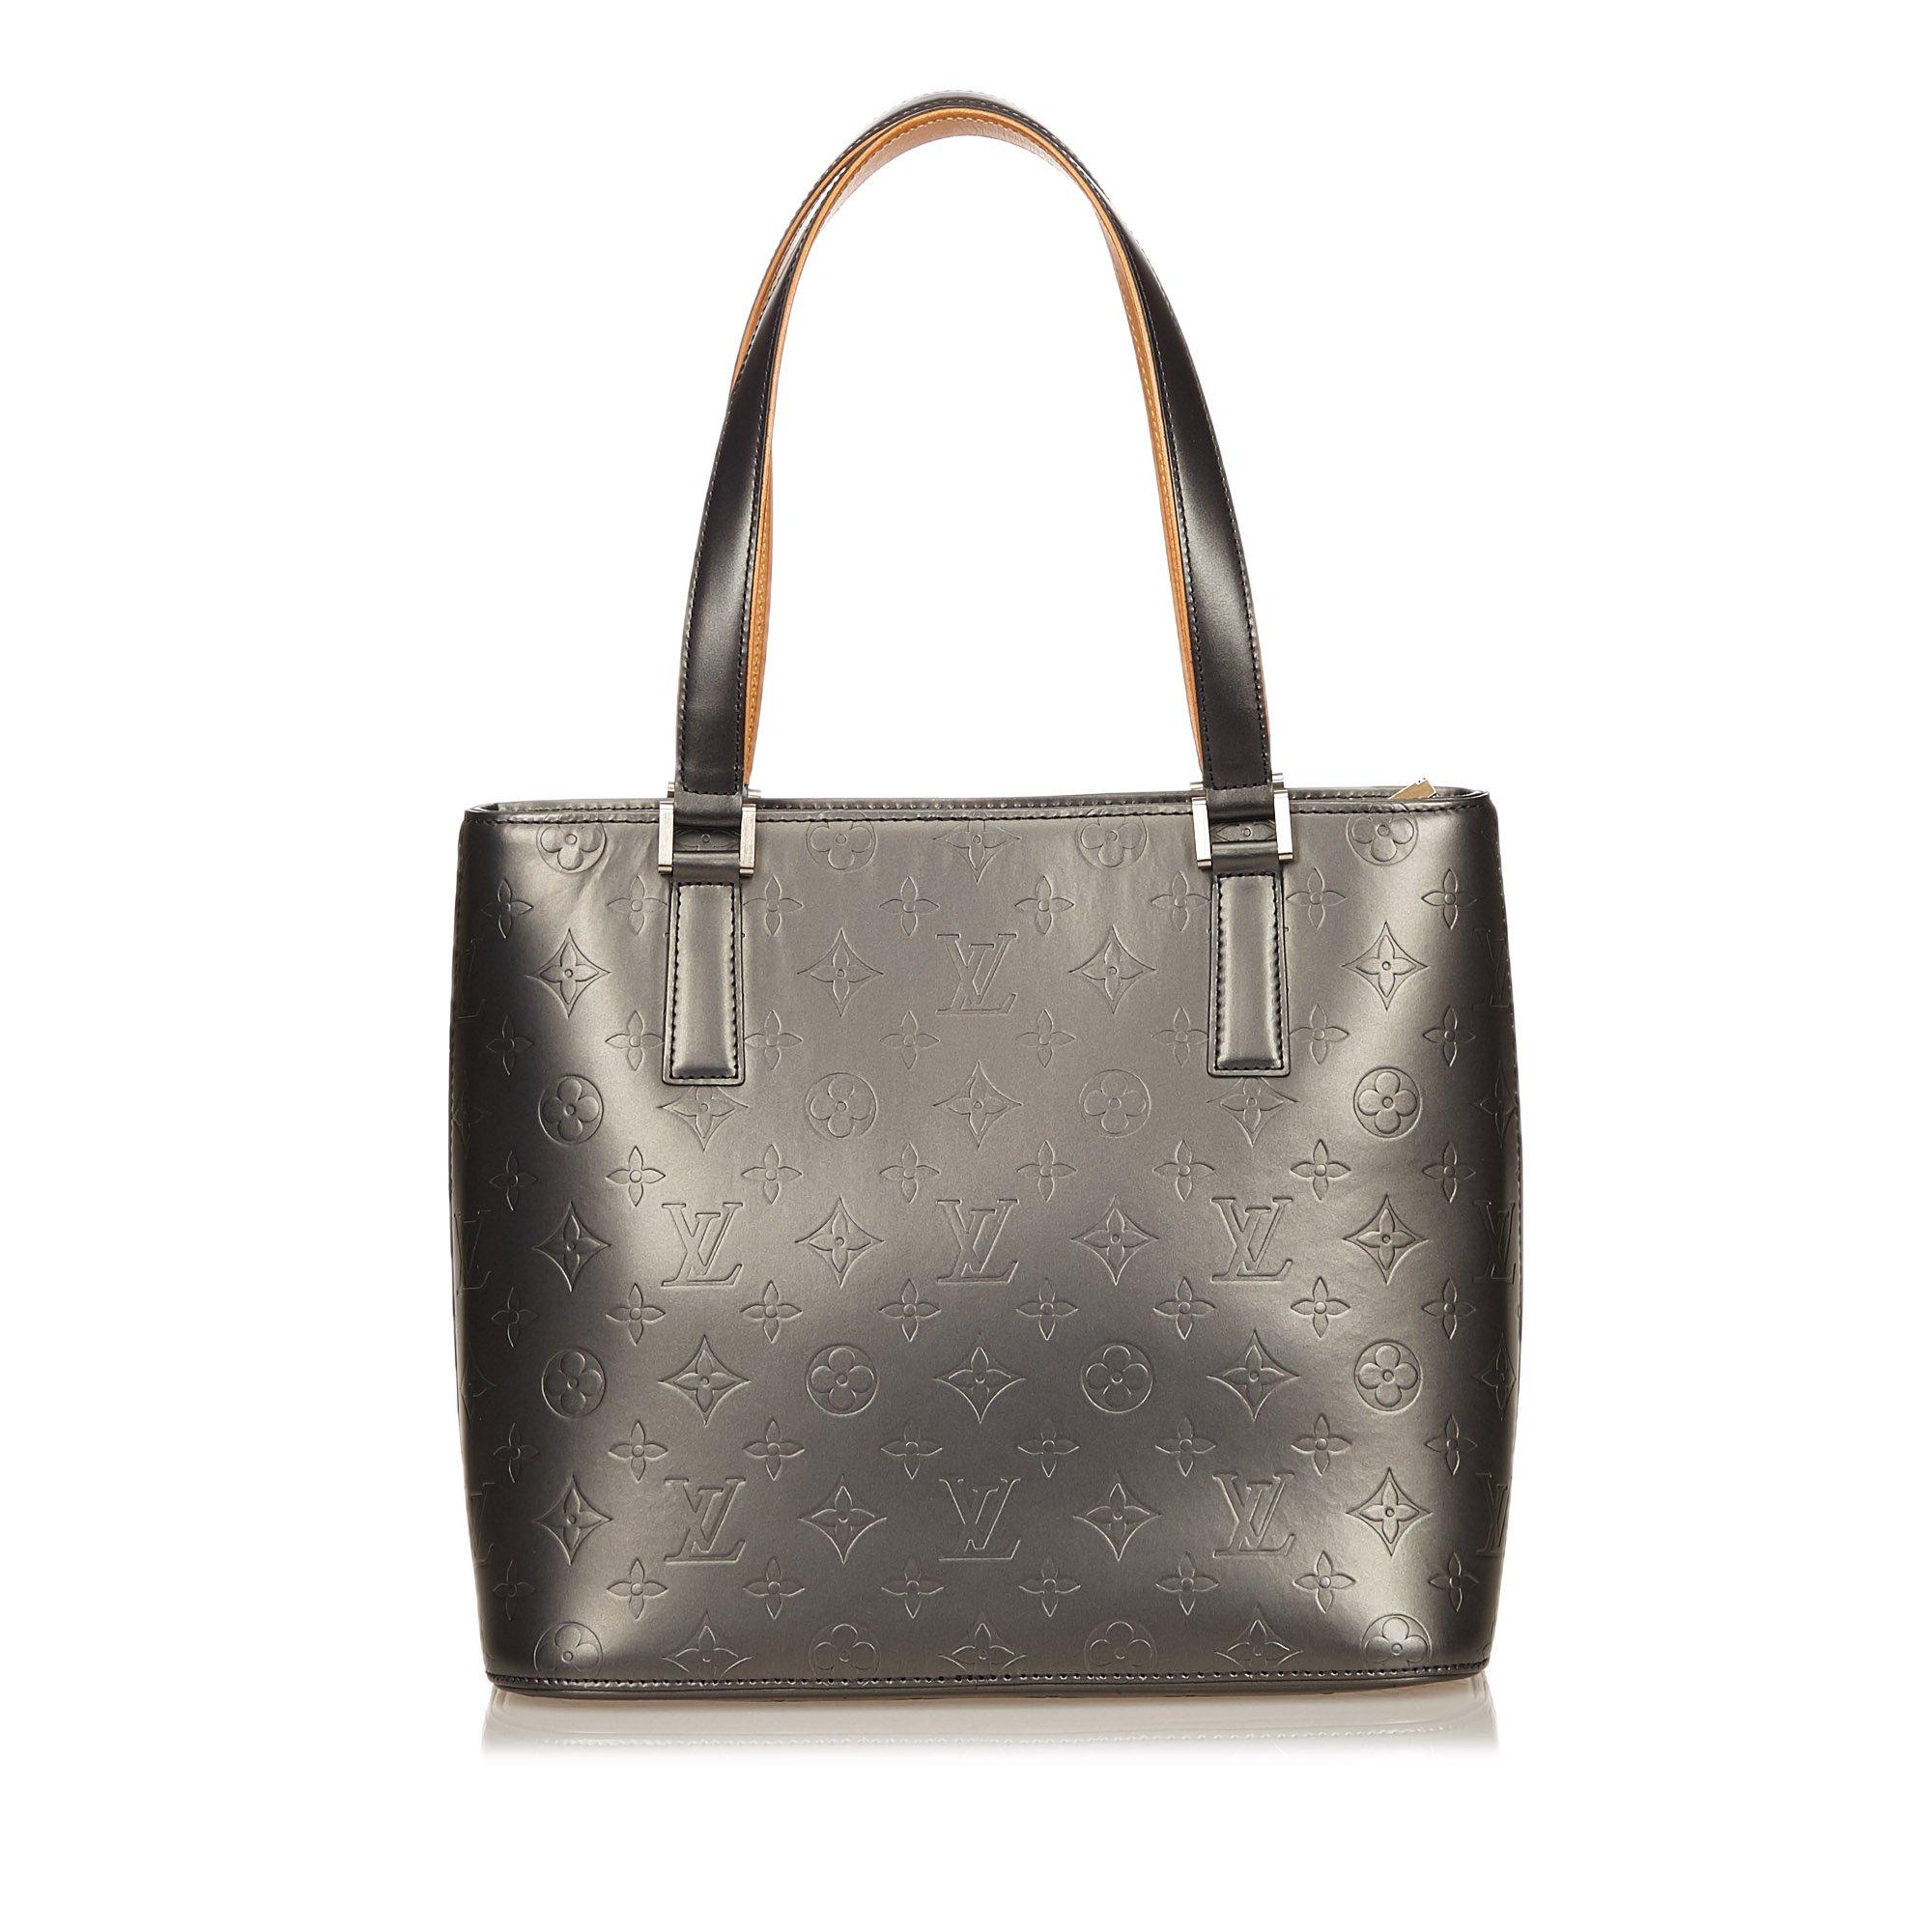 39b1de1fbae Buy Louis Vuitton Silver Monogram Mat Stockton Tote 39923 at best ...